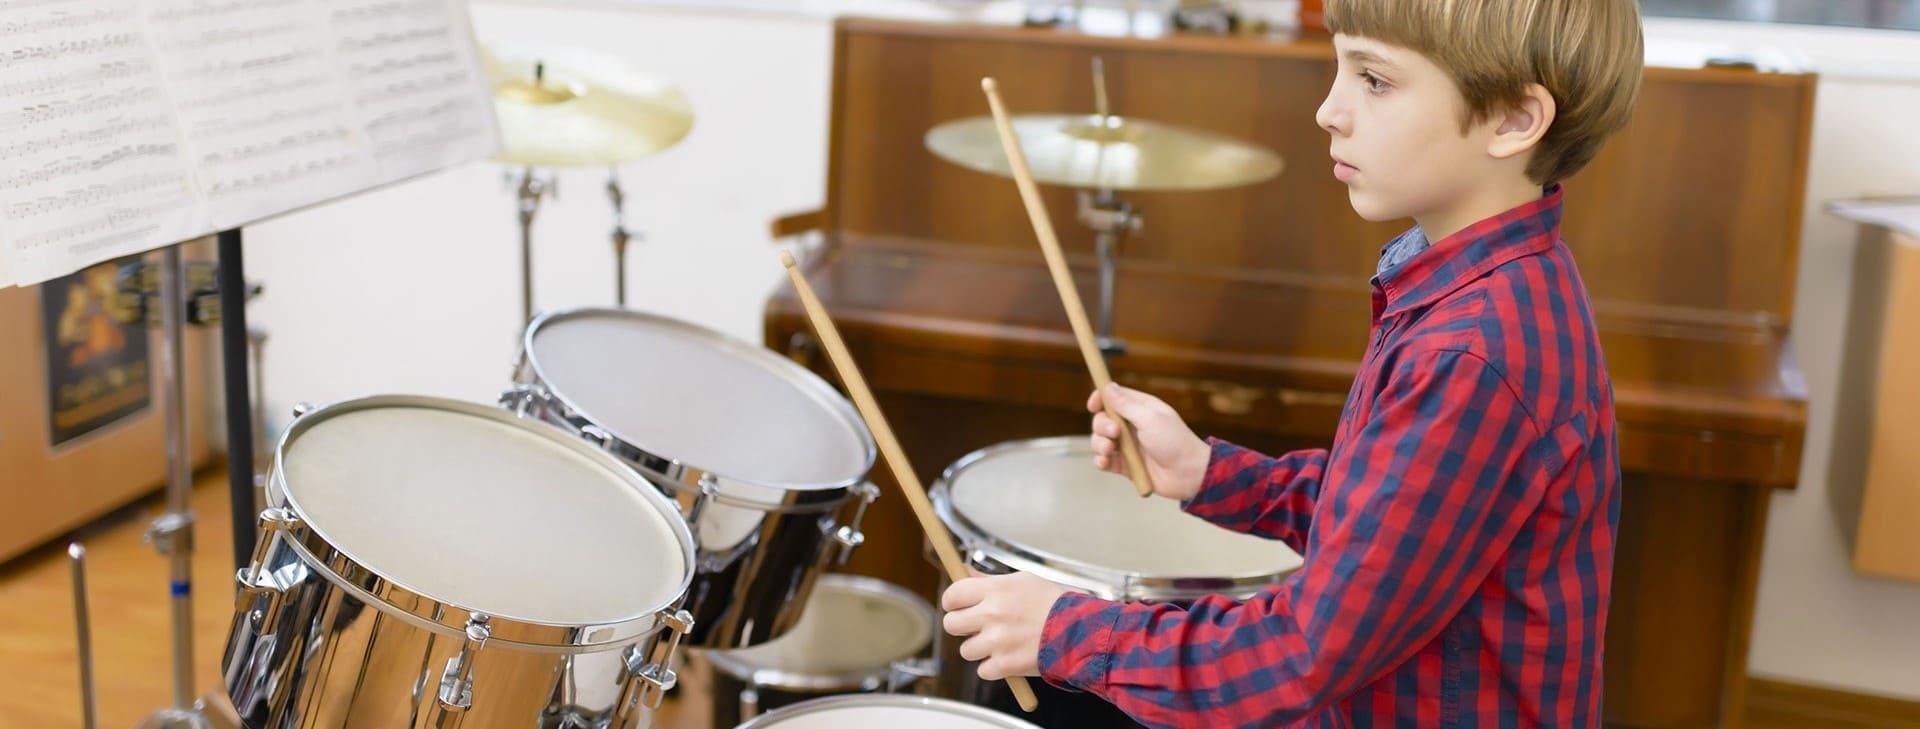 drummer_kid